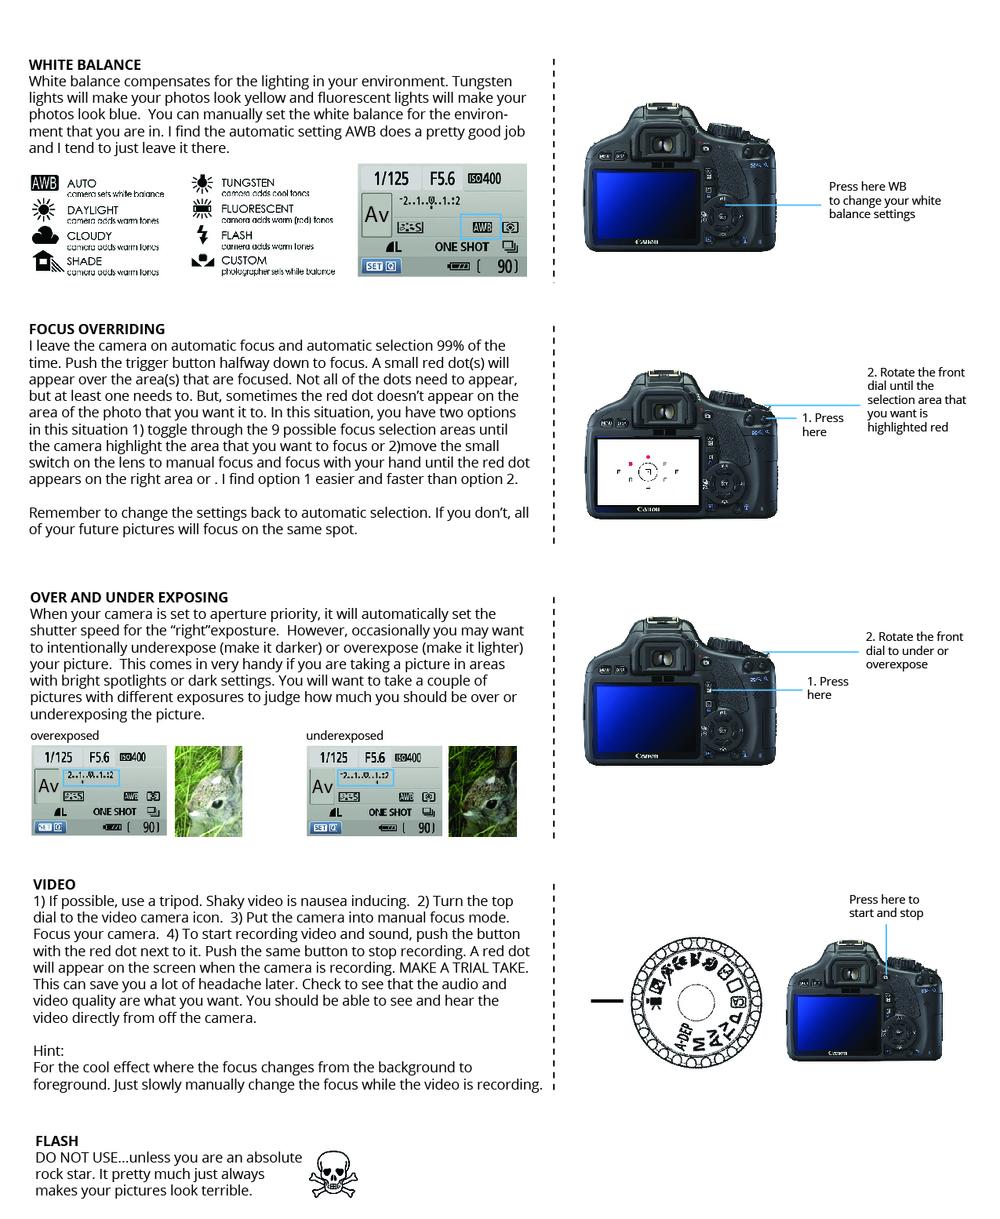 camera5.jpeg